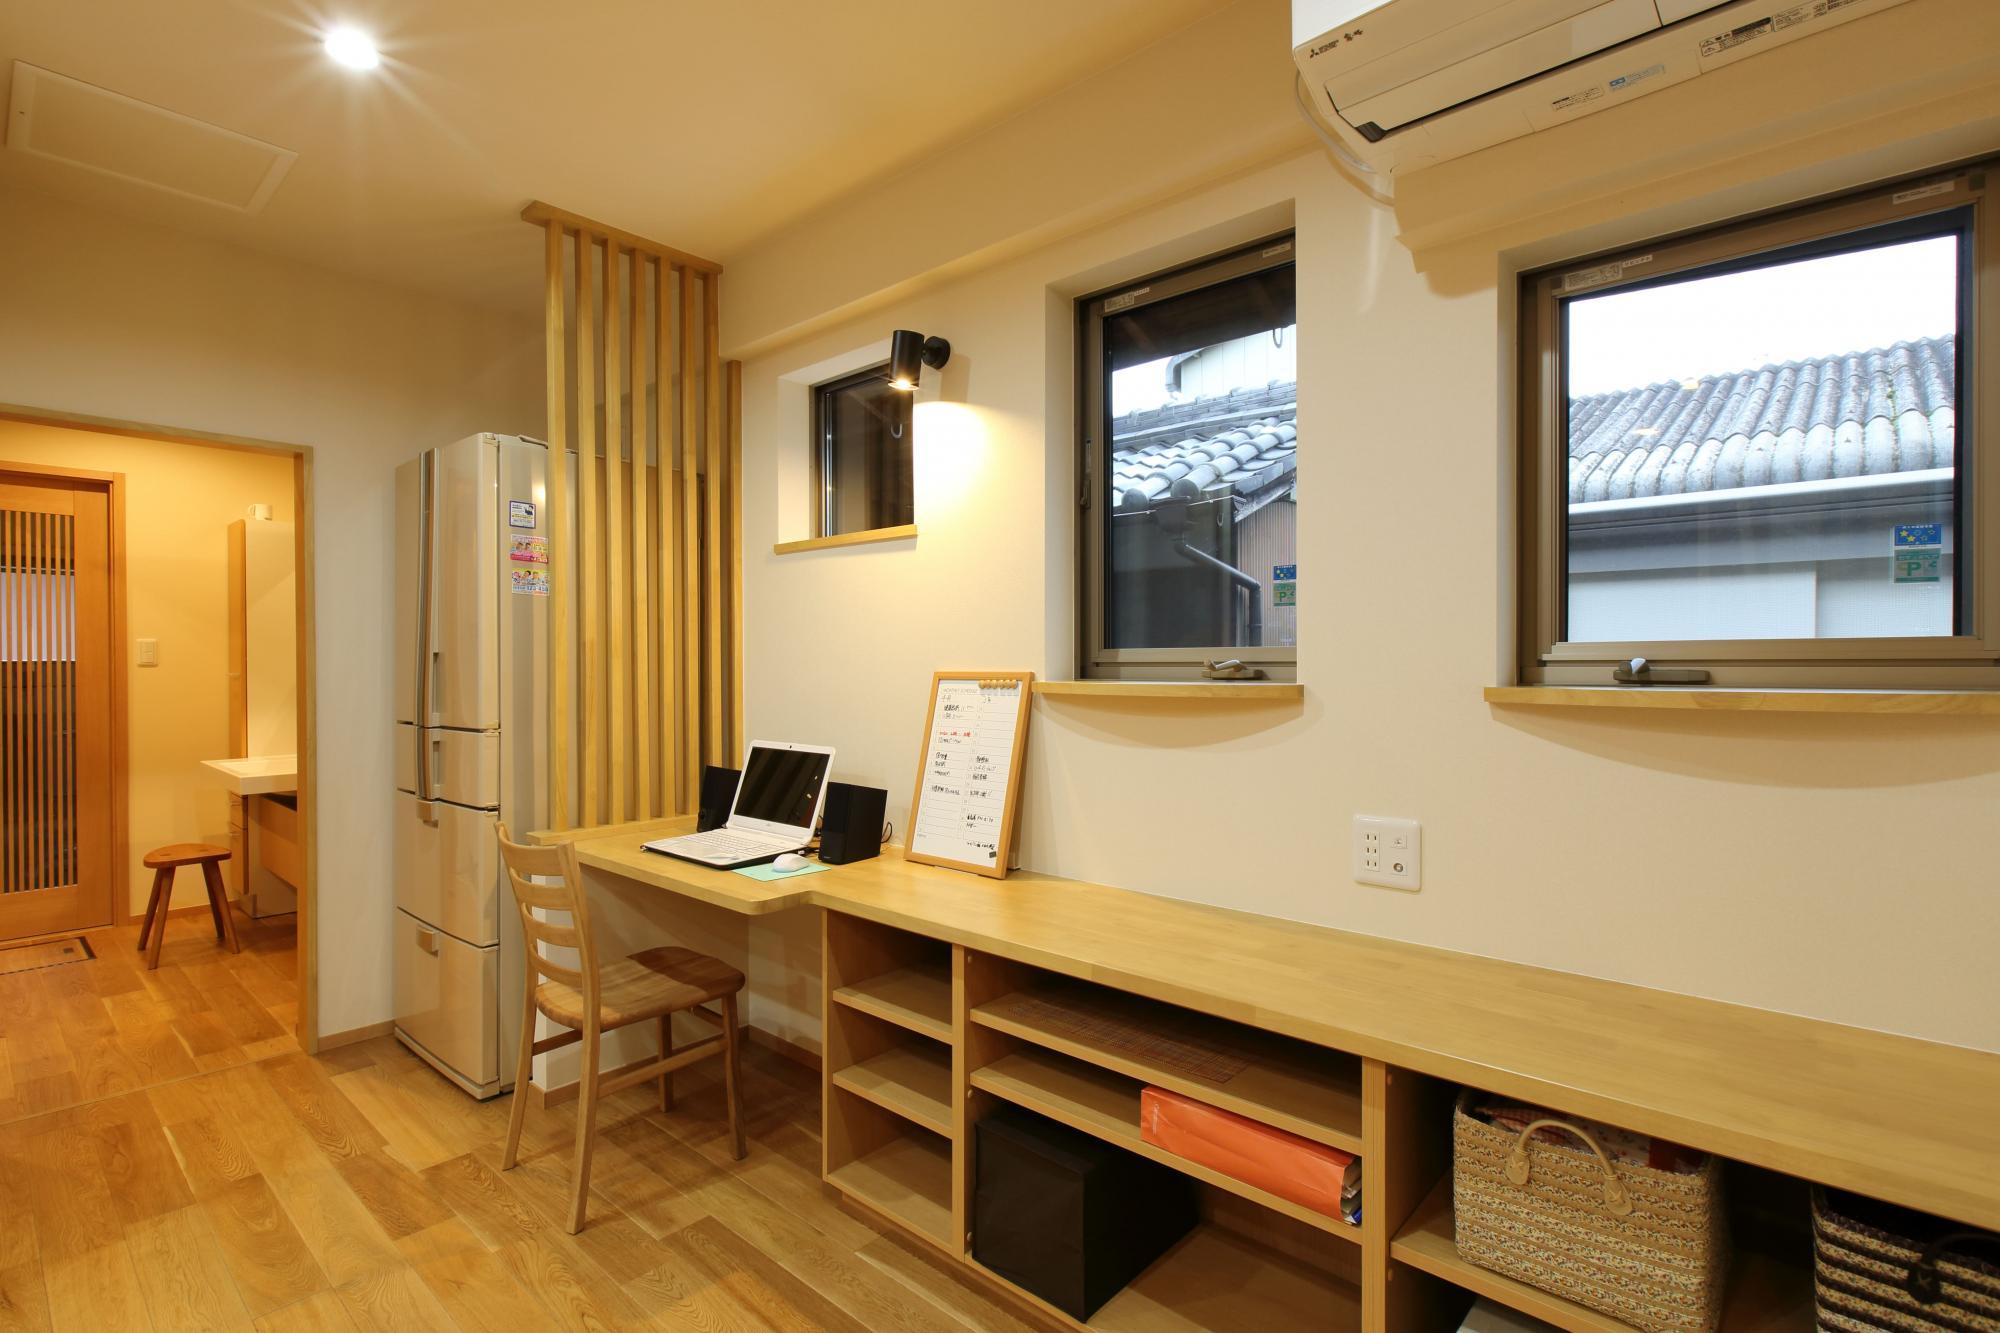 キッチン横の窓際にPCデスクと収納飾り棚を造作し、書斎スペースとして活用。将来は介護用ベッドが置けるようにスペースを確保した。